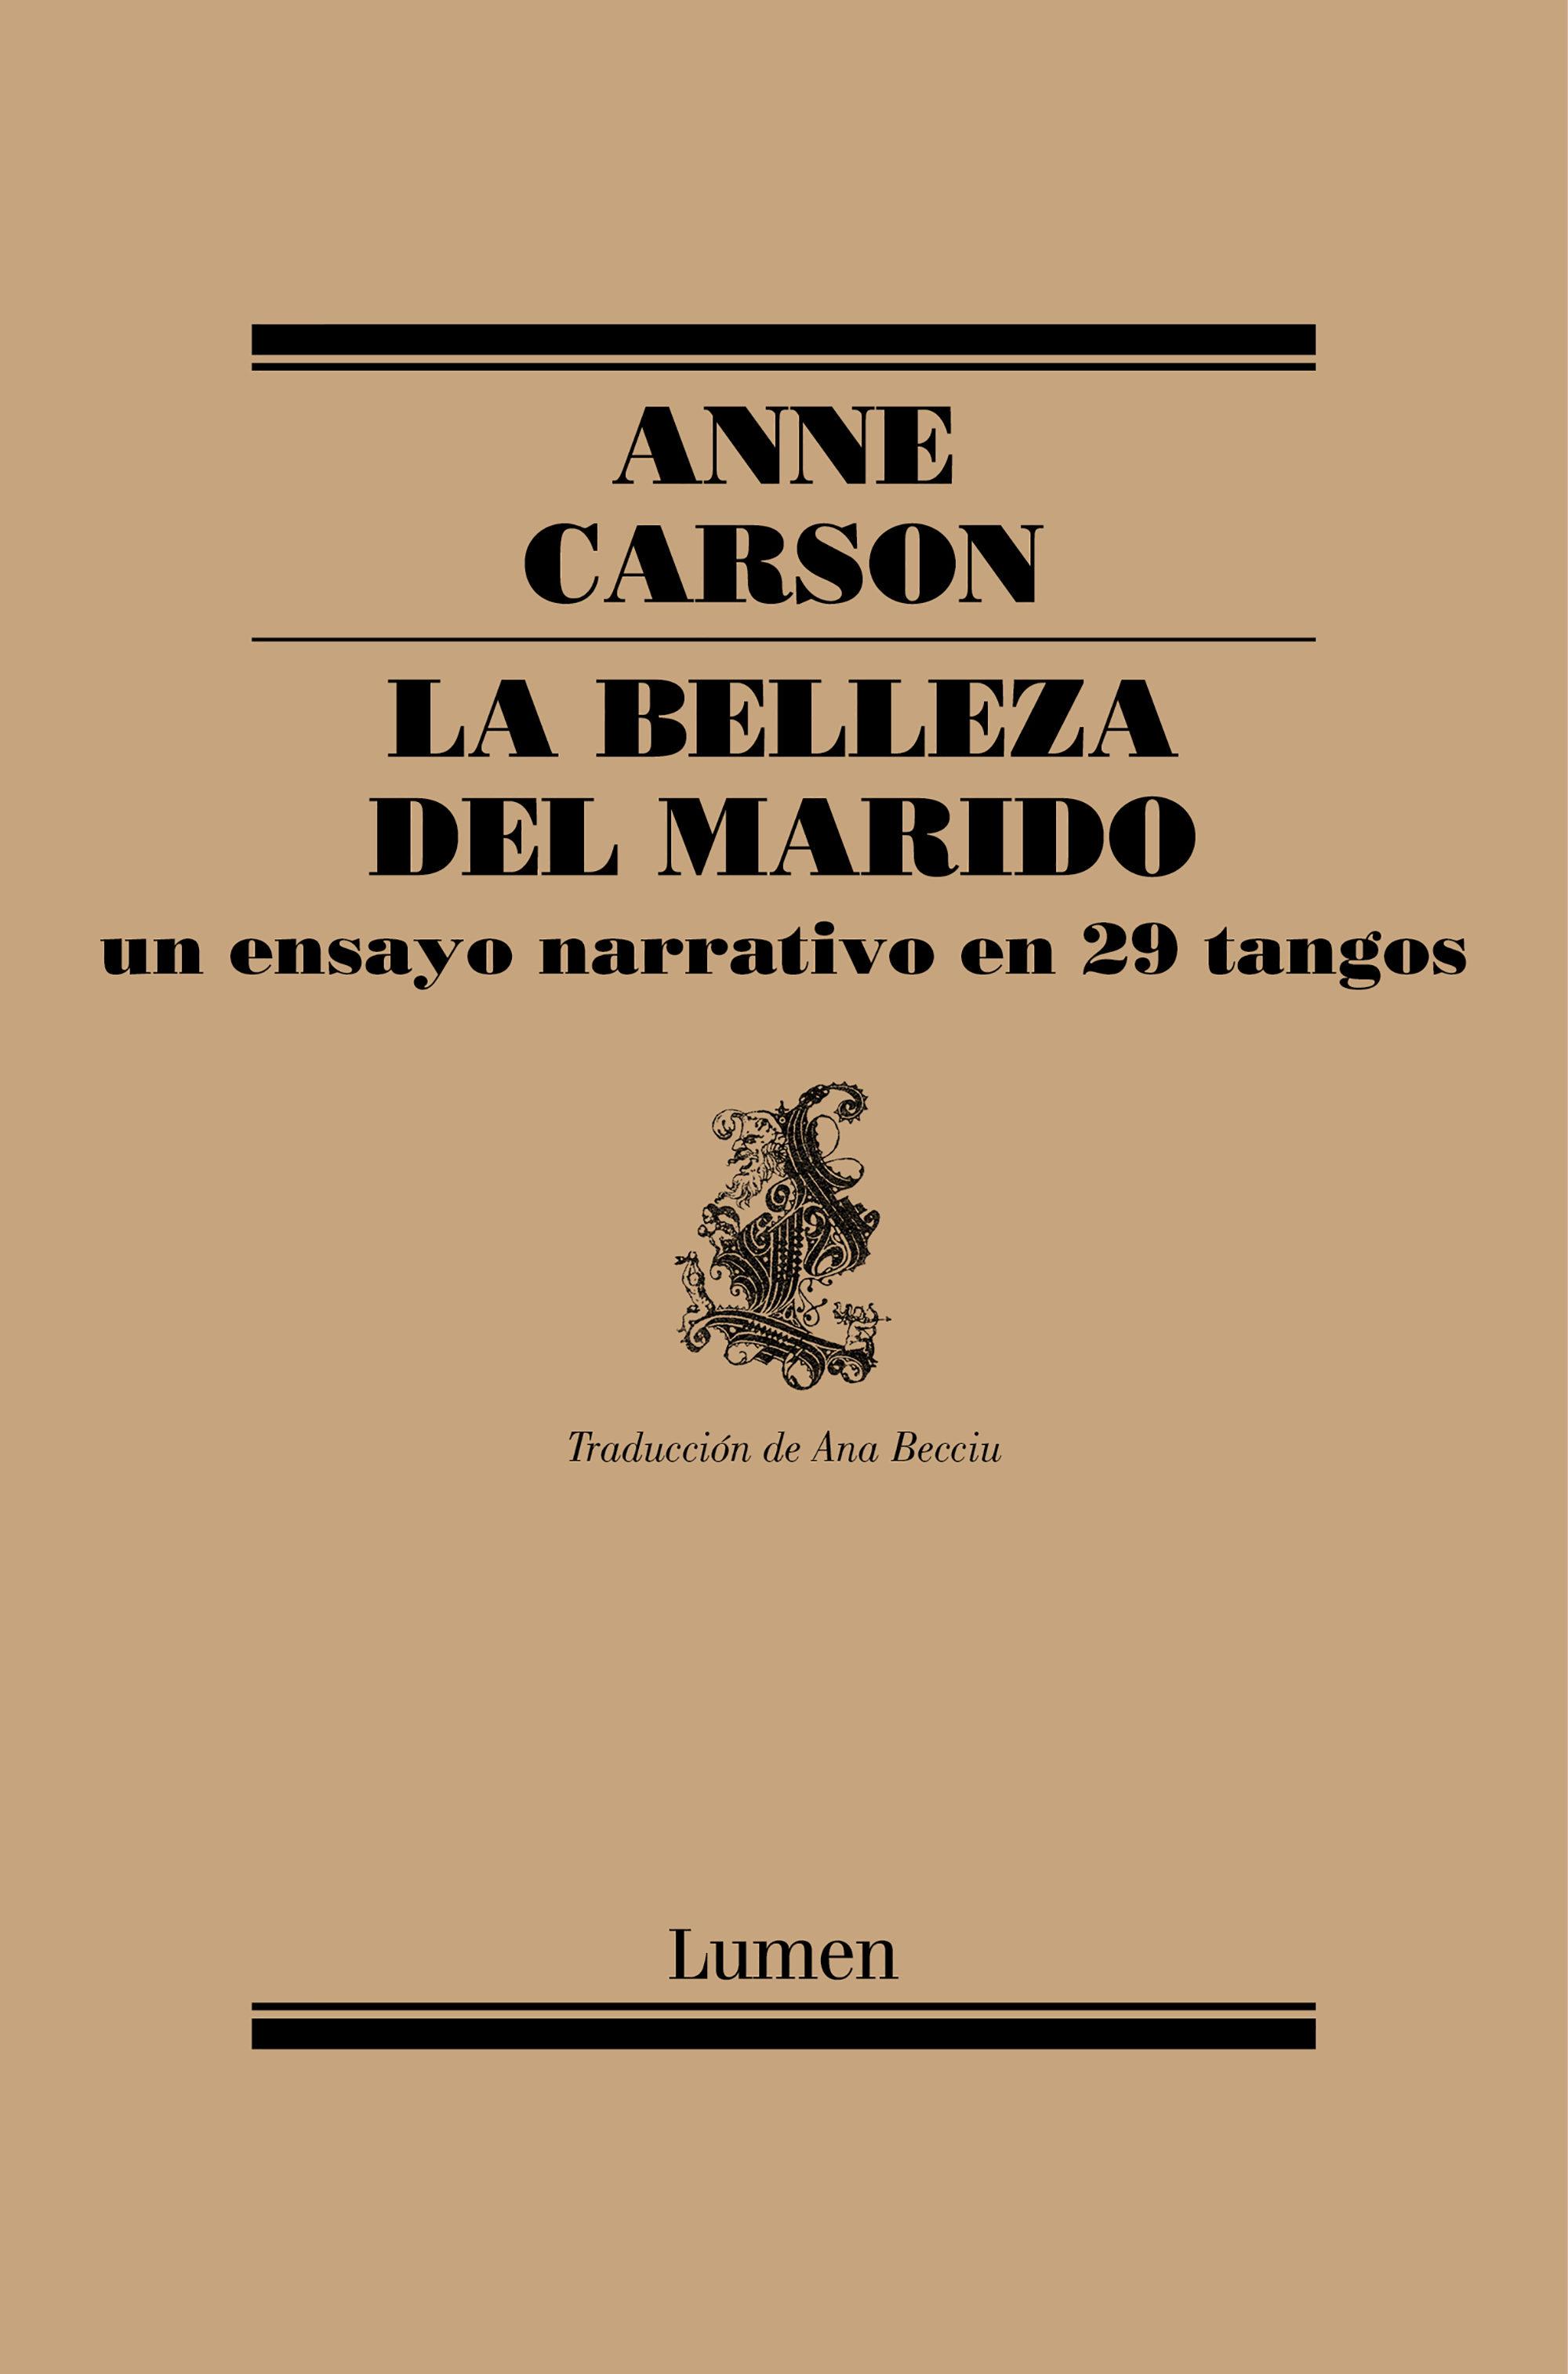 Resultado de imagen de ANNE SEXTON LA BELLEZA DEL MARIDO